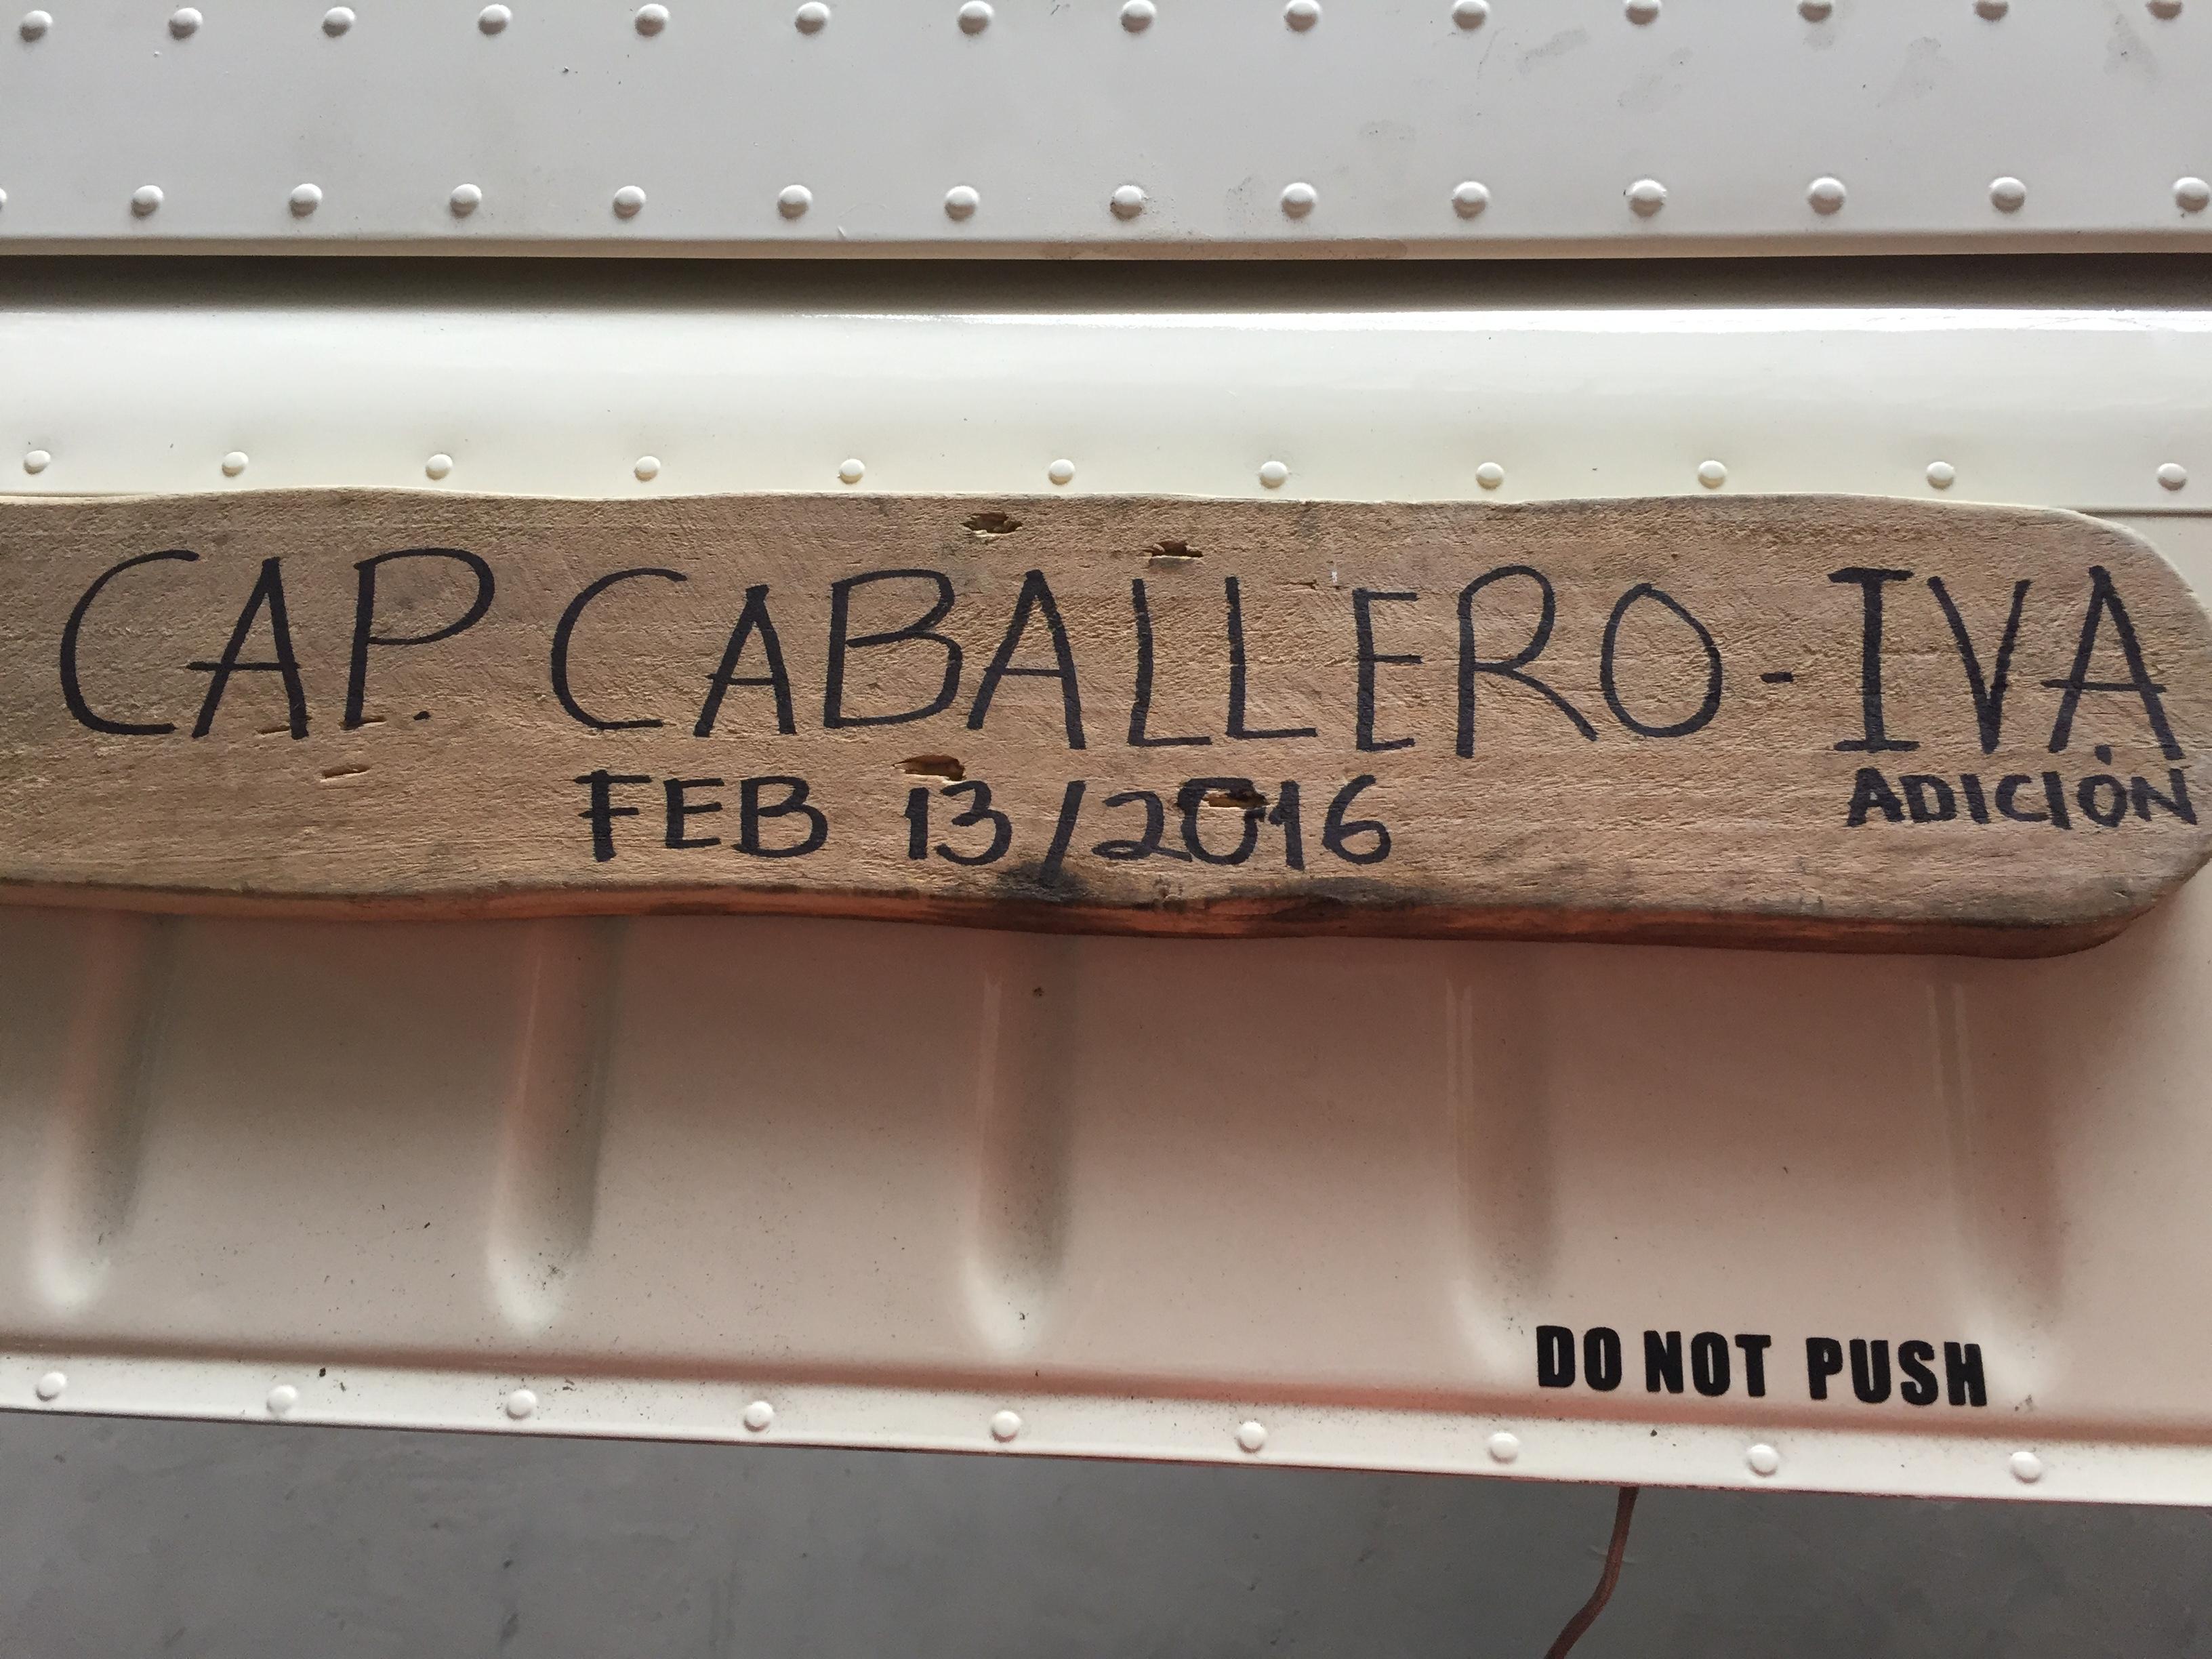 IVA CAP CABALLERO